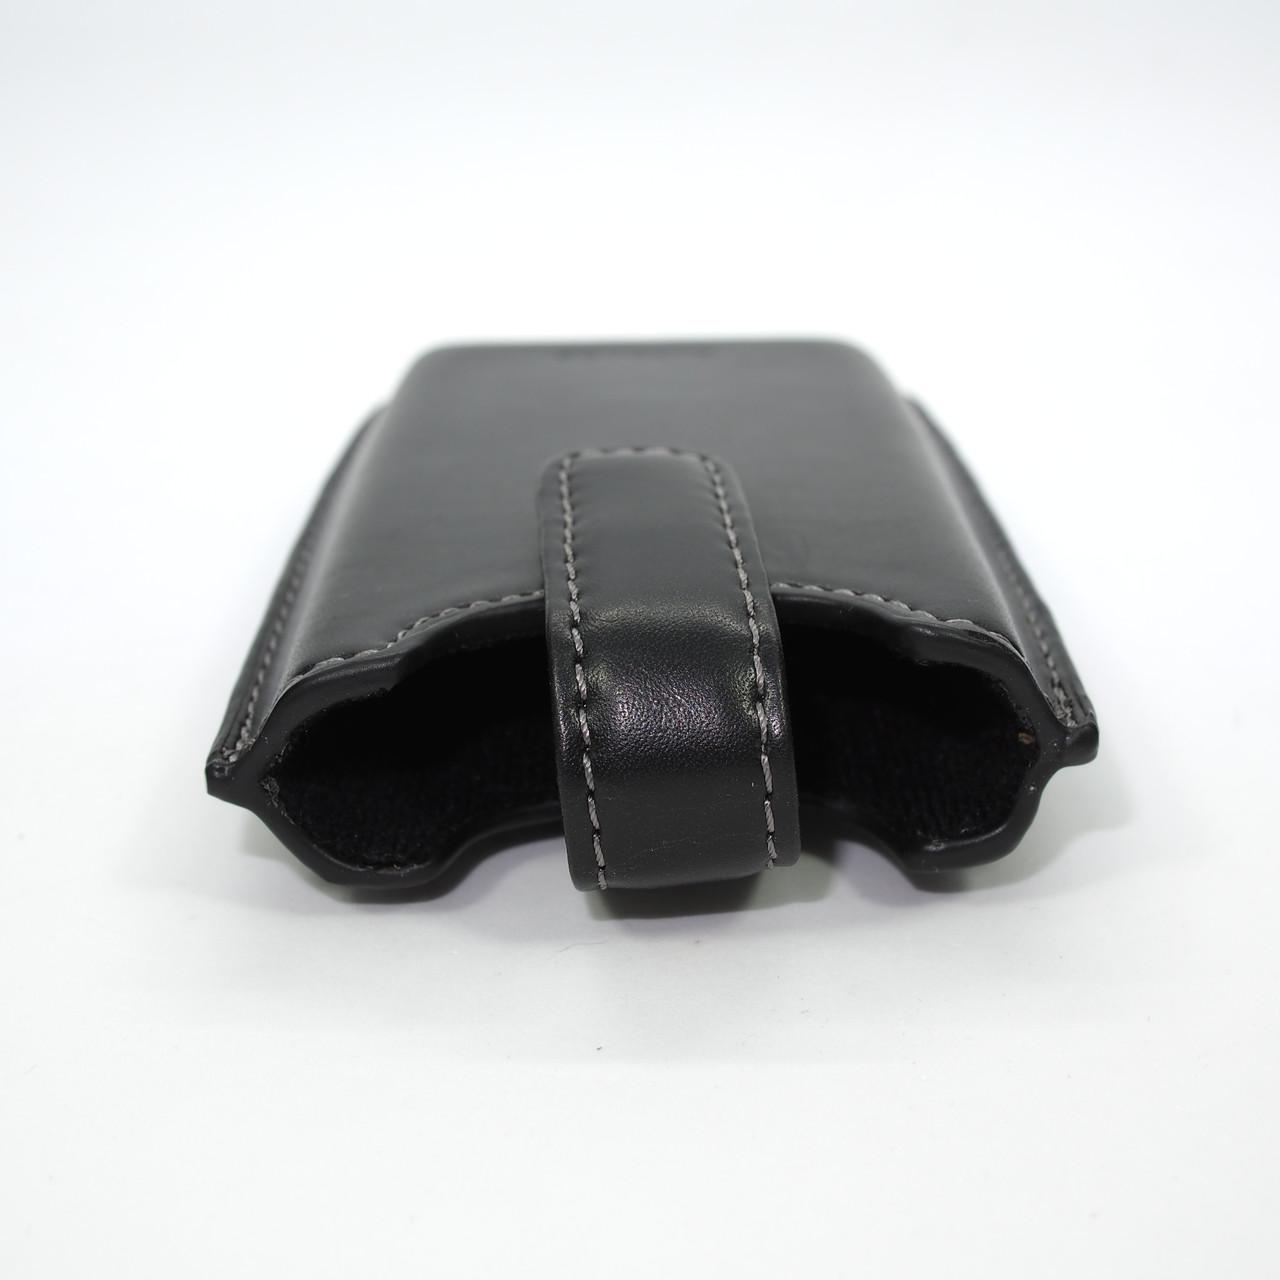 Чехол-карман Capdase Pocket универсальный 100*51*17mm